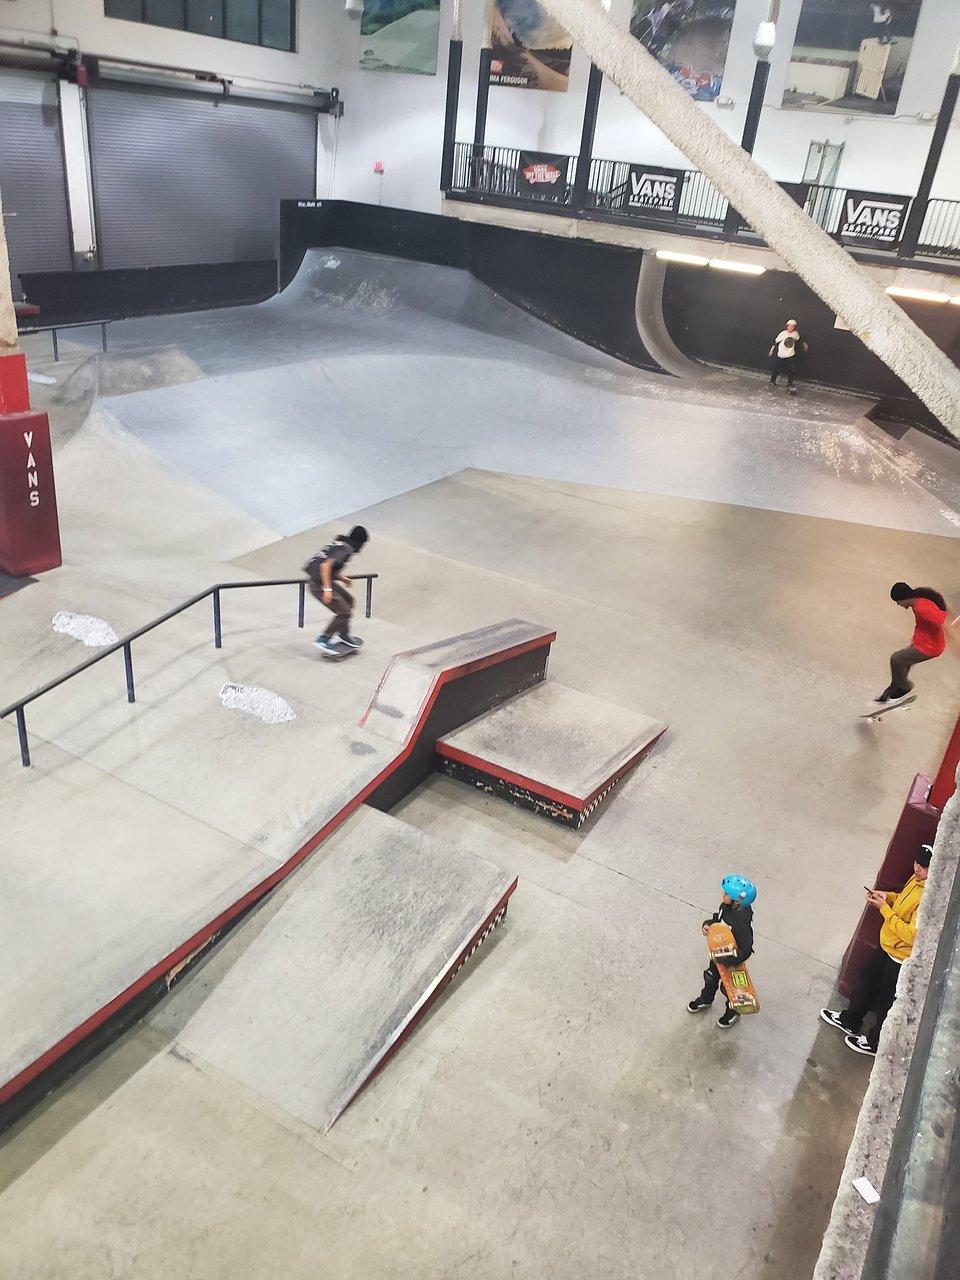 vans skatepark in orange county